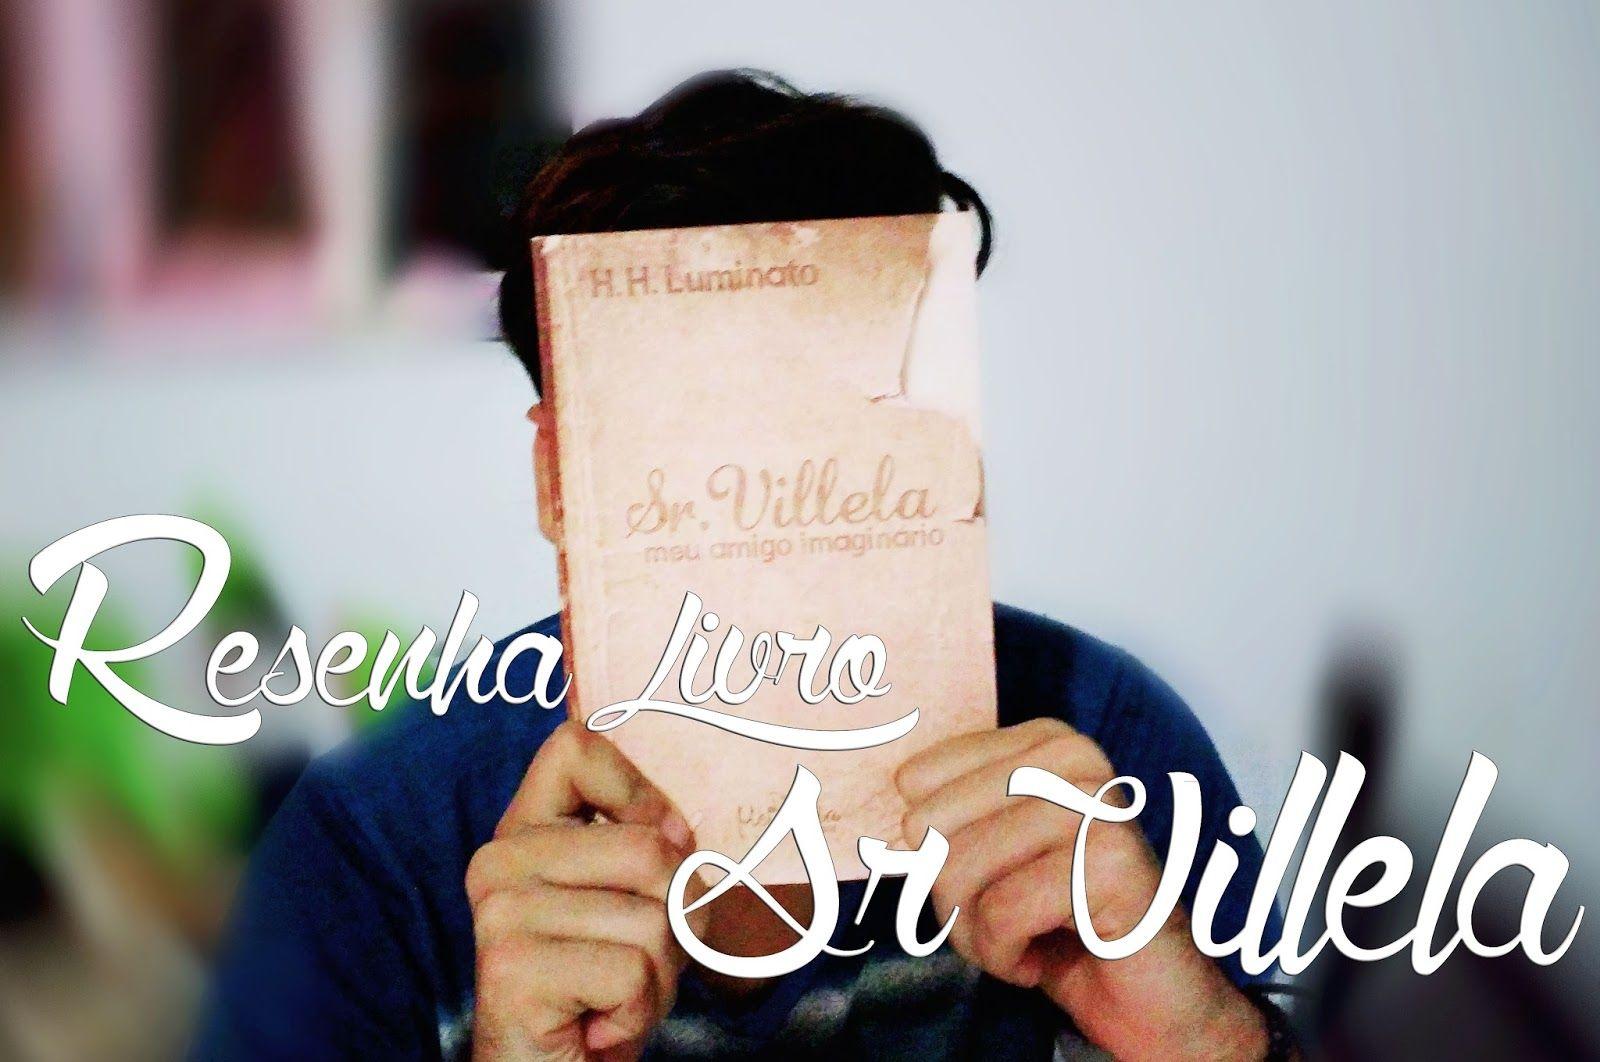 Sr. Villela, Meu Amigo Imaginário, H. H. Luminato